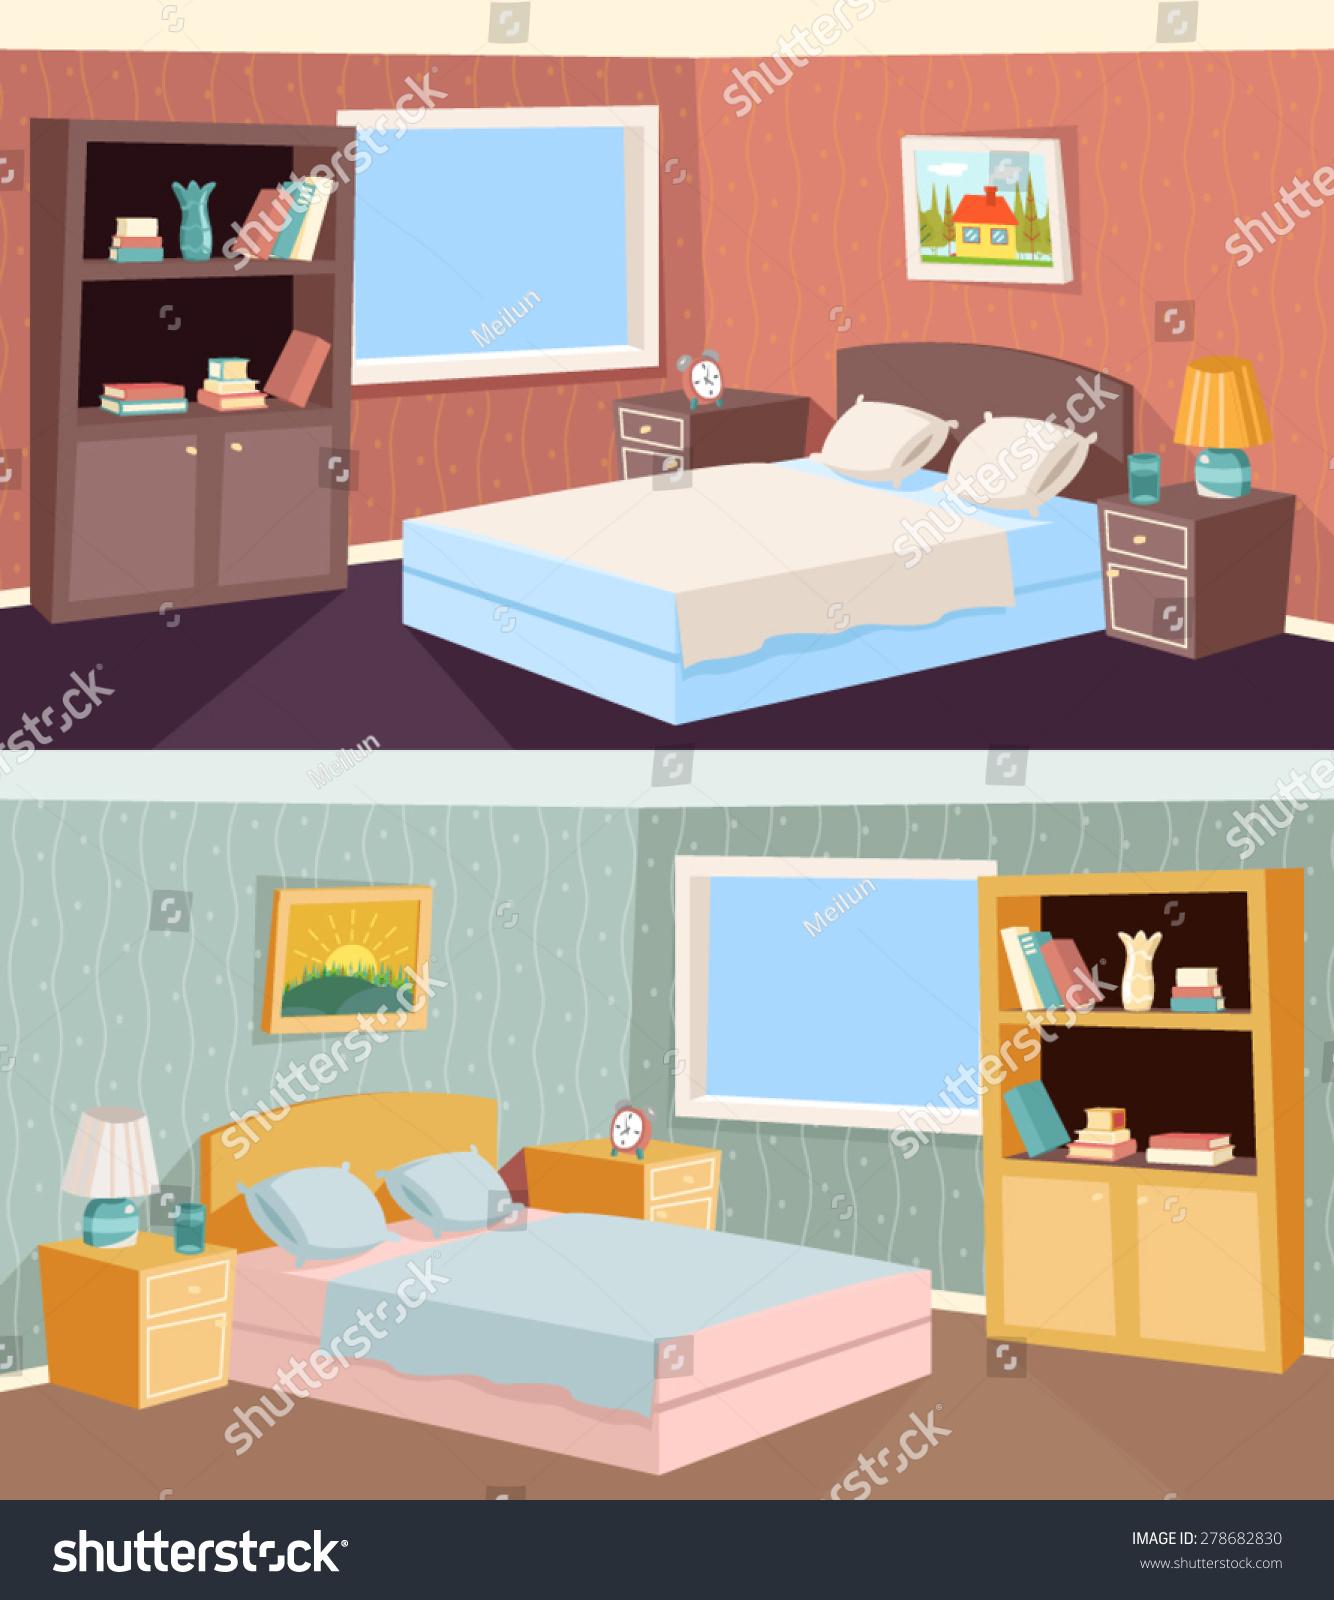 Clipart Schlafzimmer | Schlafzimmer Clipart Schlafender Teddybar Im Schlafzimmer Lizenzfreie